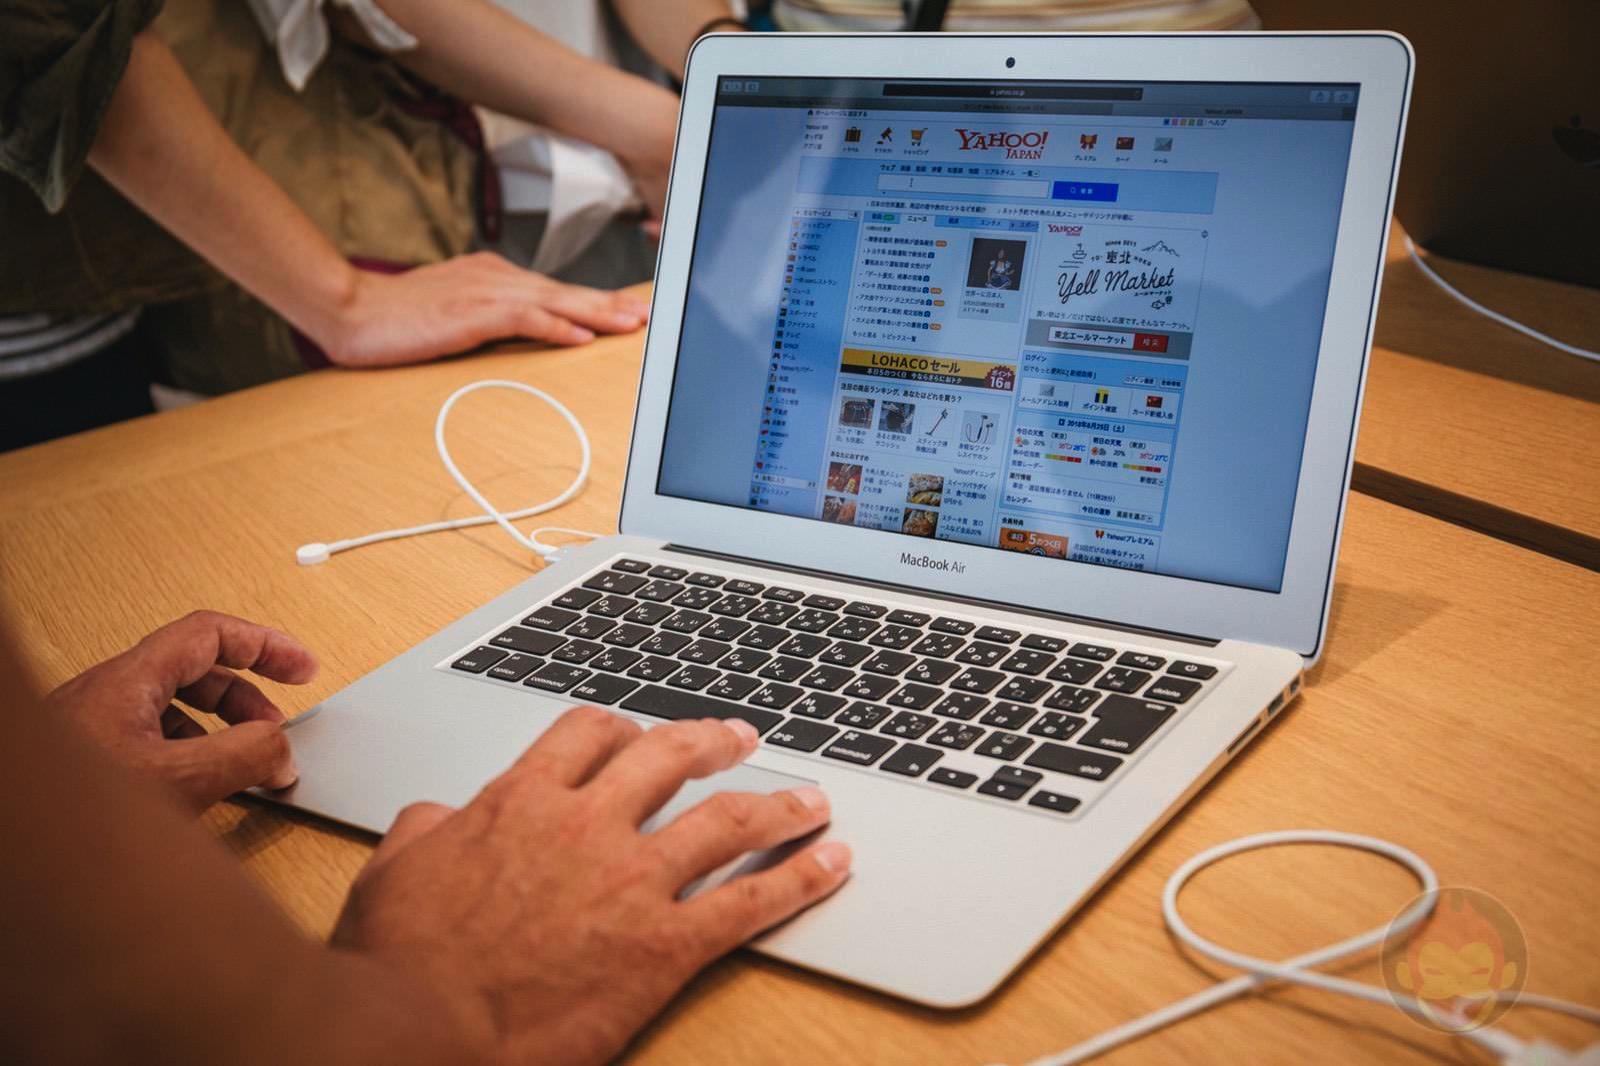 MacBook Air Apple Kyoto